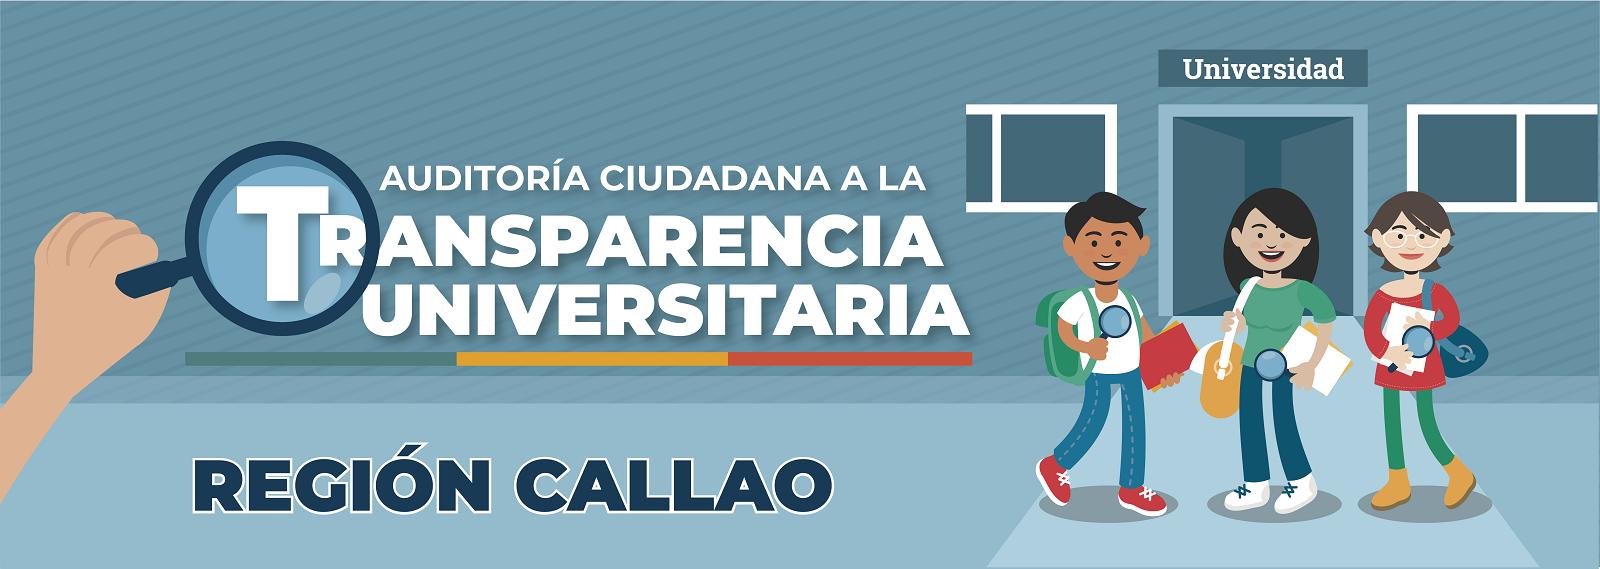 CALLAO-20